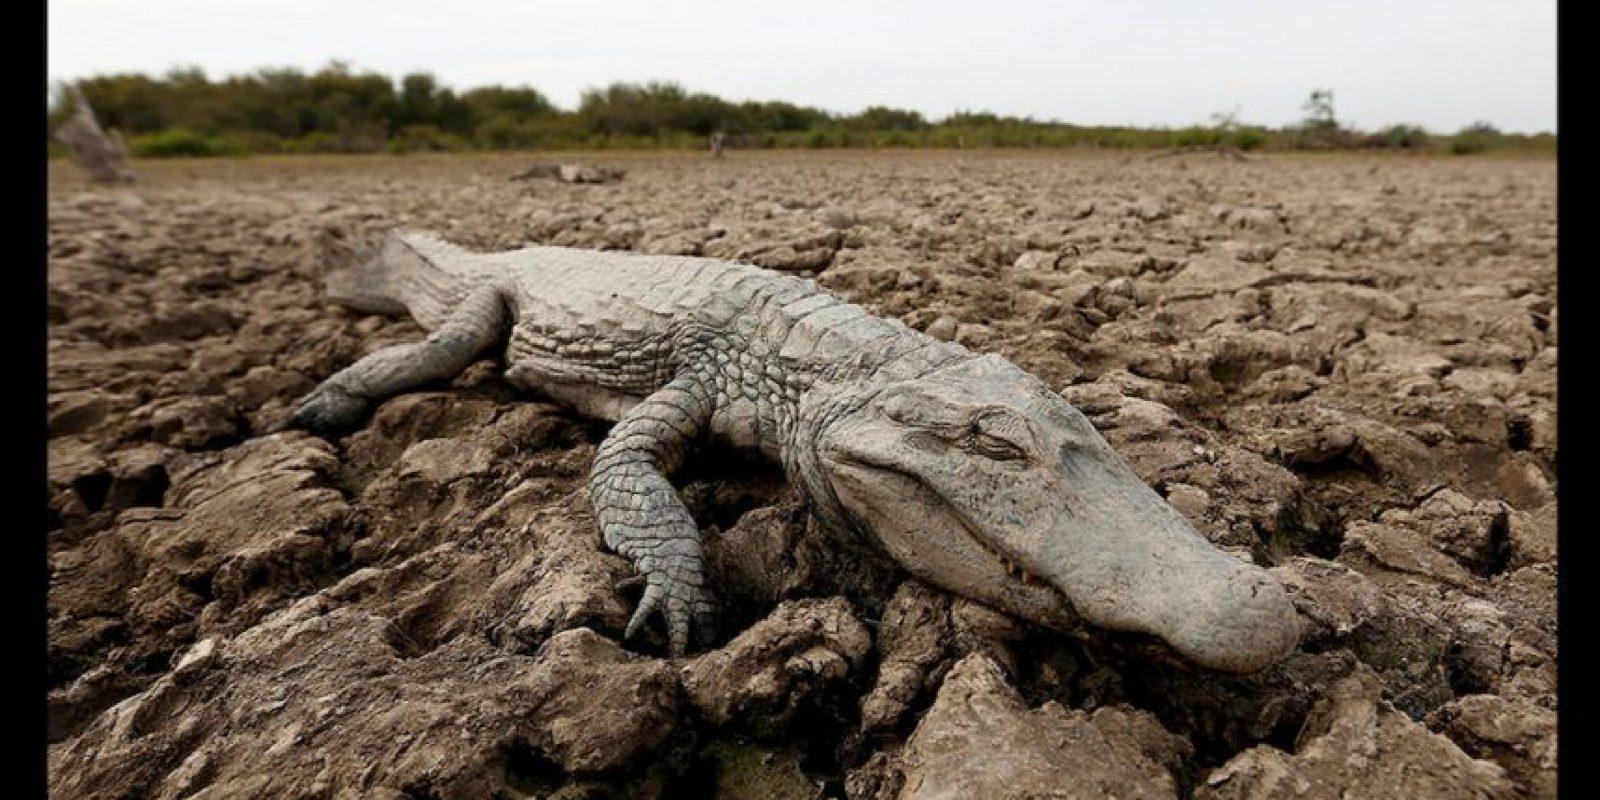 Terribles imágenes como la de este caimán muerto en Bolivia cada vez son más comunes. Foto:AP